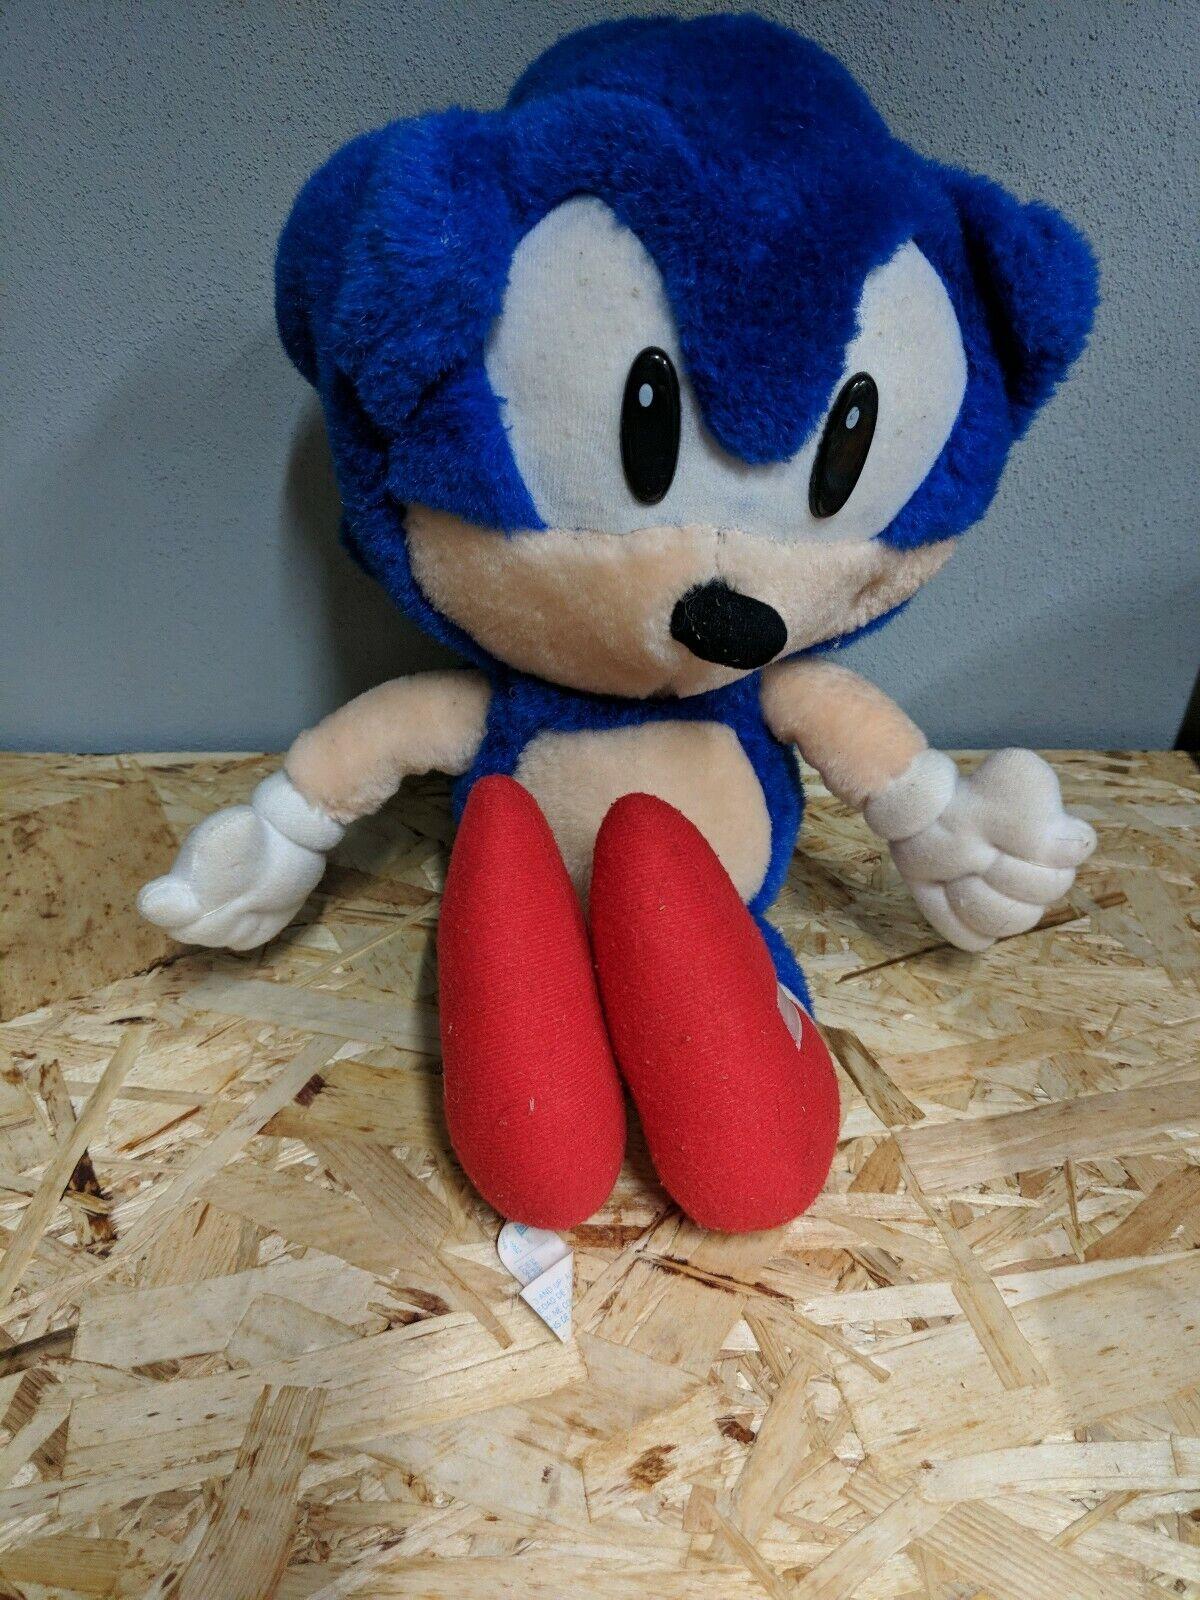 Sonic The Hedgehog weich Spielzeug Plush Teddy SEGA Jahr 1992